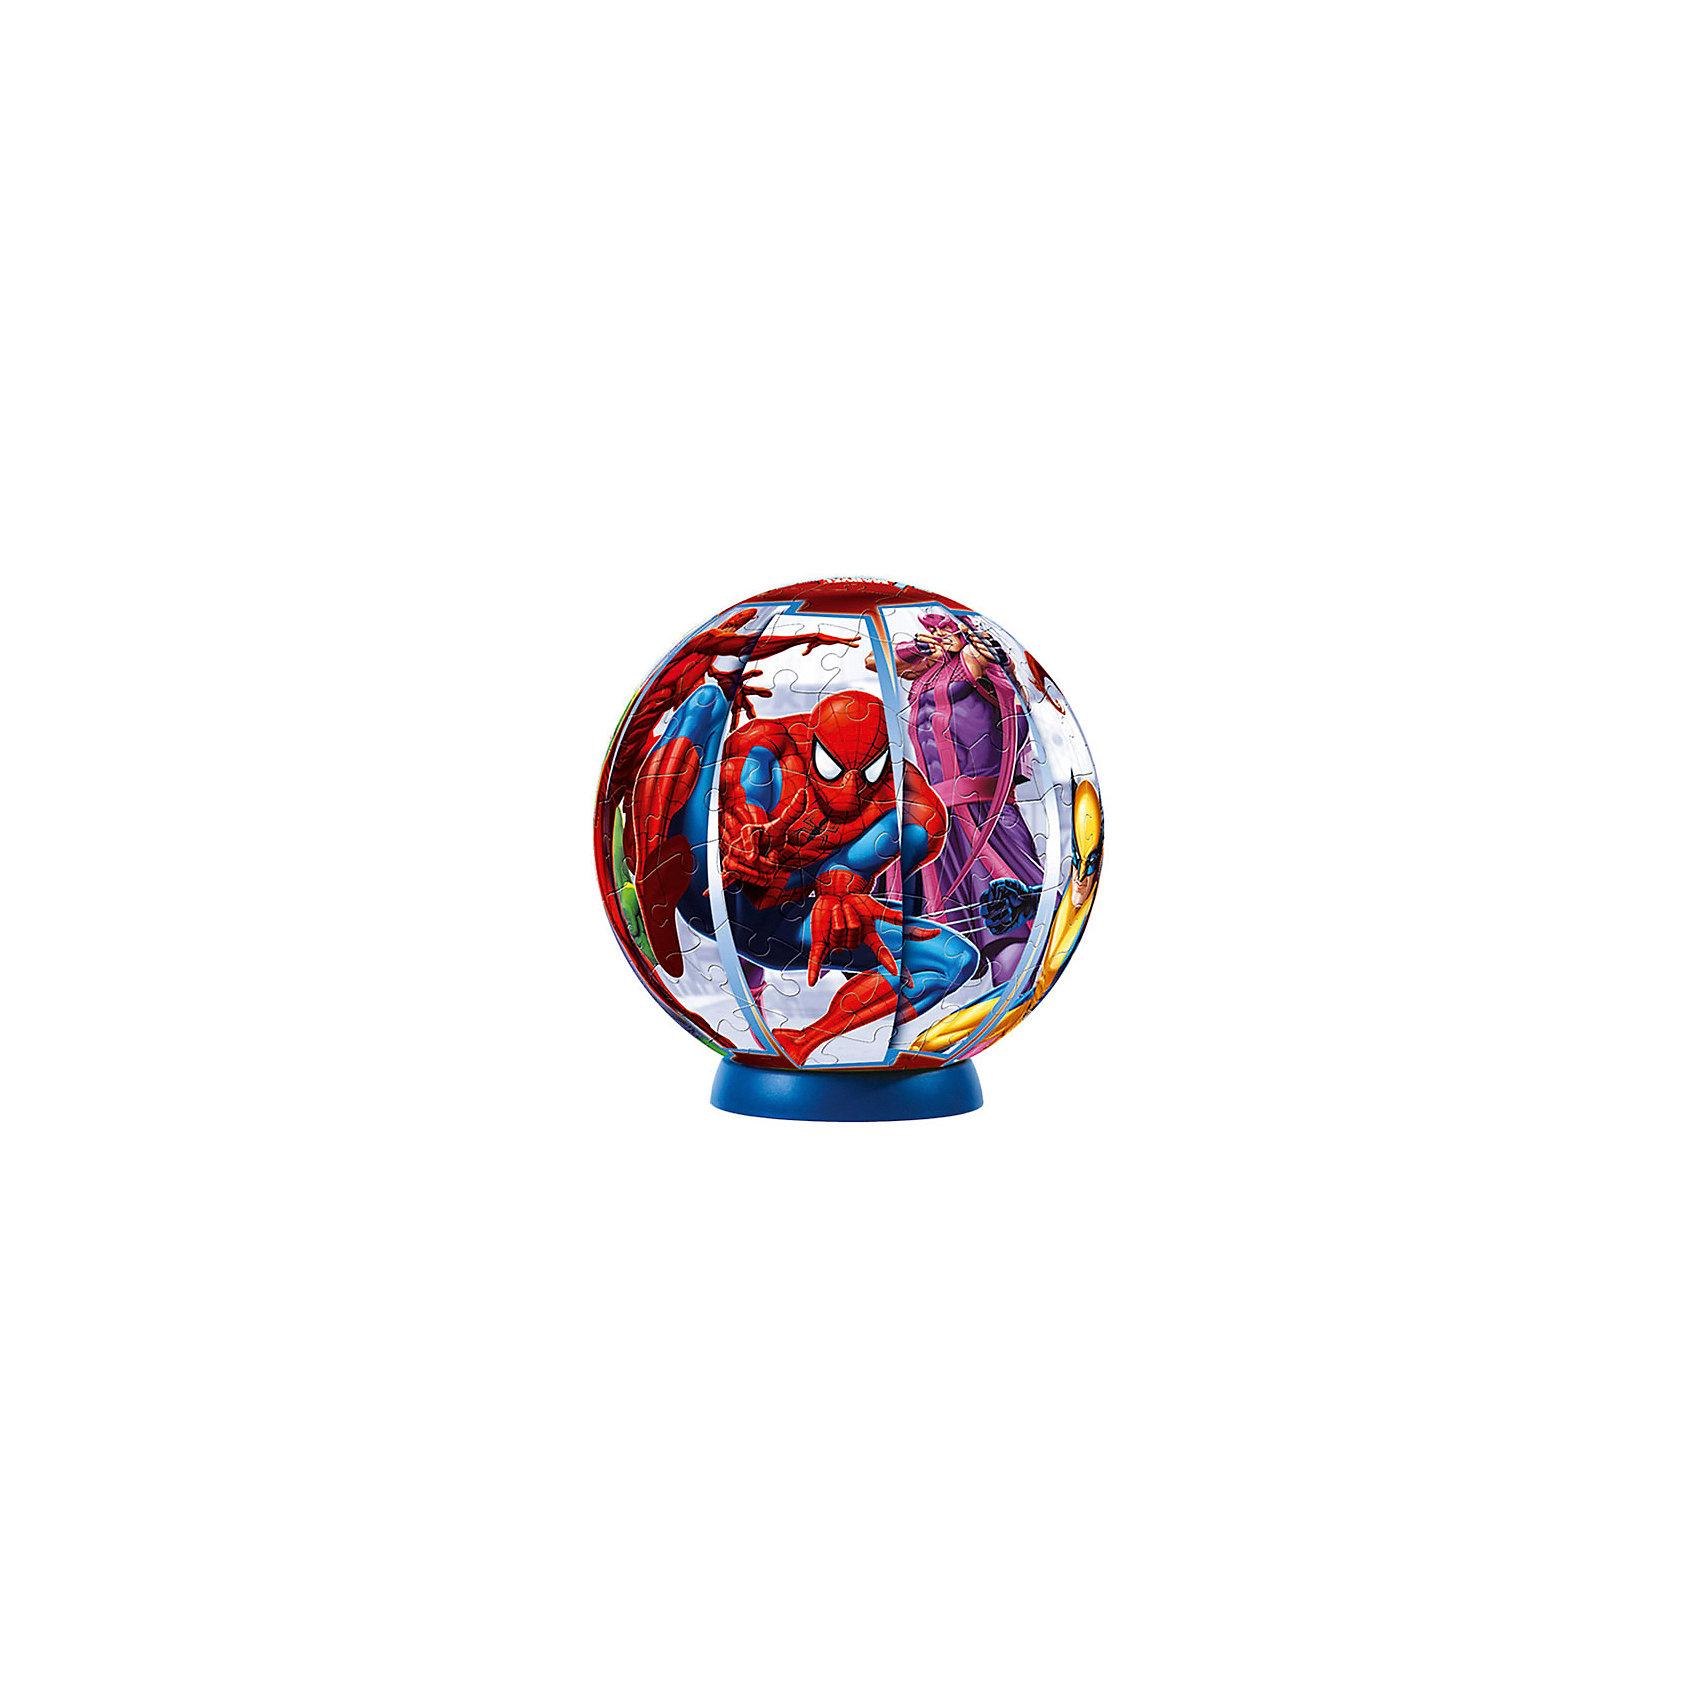 Пазл-шар Marvel, 108 деталейПазлы-шары<br>Характеристики товара:<br><br>• возраст: от 6 лет;<br>• материал: пластик;<br>• в комплекте: 108 элементов, подставка;<br>• диаметр шара: 14 см;<br>• размер упаковки: 23х21,5х5 см;<br>• вес упаковки: 330 гр.;<br>• страна производитель: Россия.<br><br>Пазл-шар «Marvel» Step Puzzle — оригинальный пазл, элементы которого имеют изогнутую форму и собираются вместе, образуя шар. Собрав его, получается объемная фигура с изображениями известных супергероев комиксов.<br><br>В процессе сборки пазла развиваются мелкая моторика рук, усидчивость, внимательность, логическое мышление. Все детали выполнены из качественного прочного пластика и надежно скрепляются между собой.<br><br>Пазл-шар «Marvel» Step Puzzle можно приобрести в нашем интернет-магазине.<br><br>Ширина мм: 230<br>Глубина мм: 215<br>Высота мм: 50<br>Вес г: 330<br>Возраст от месяцев: 72<br>Возраст до месяцев: 2147483647<br>Пол: Мужской<br>Возраст: Детский<br>Количество деталей: 108<br>SKU: 5346215